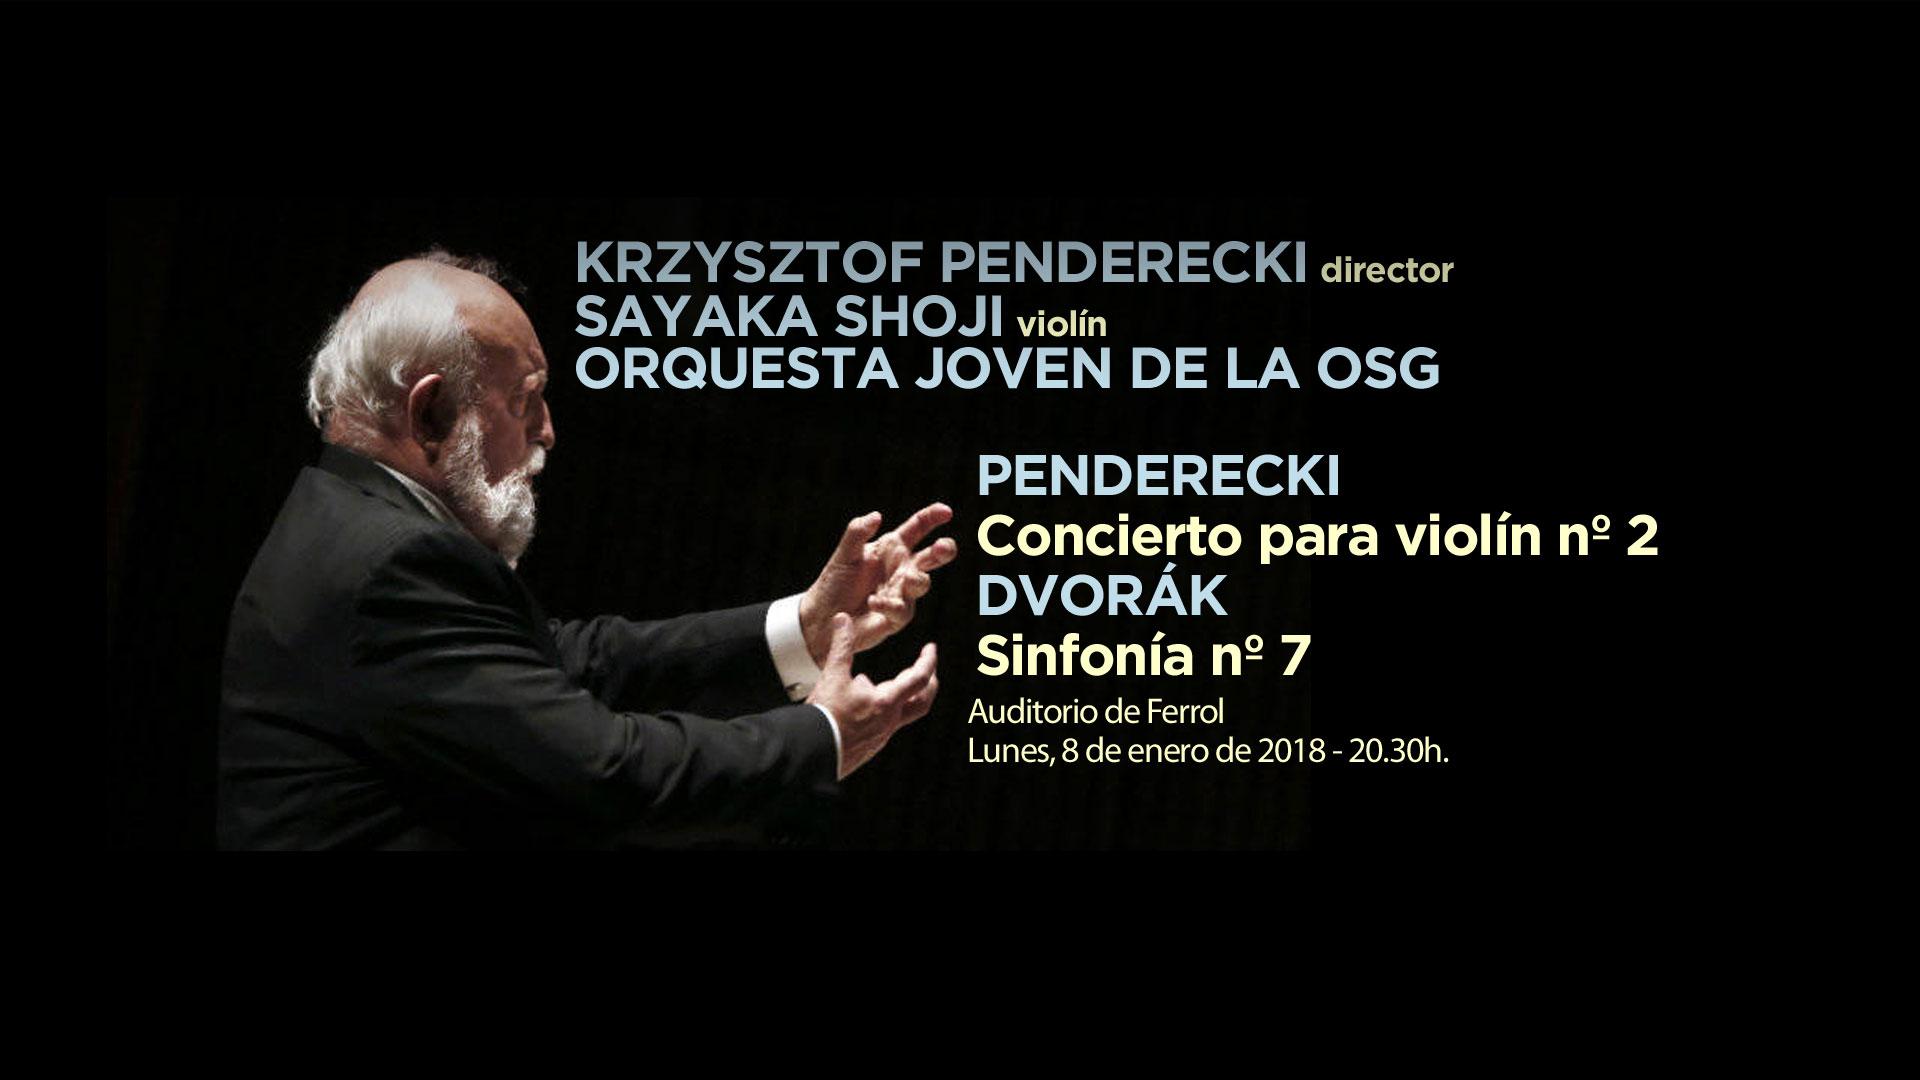 Krzysztof Penderecki se pone al frente de la Orquesta Joven de la OSG para su primer concierto del año